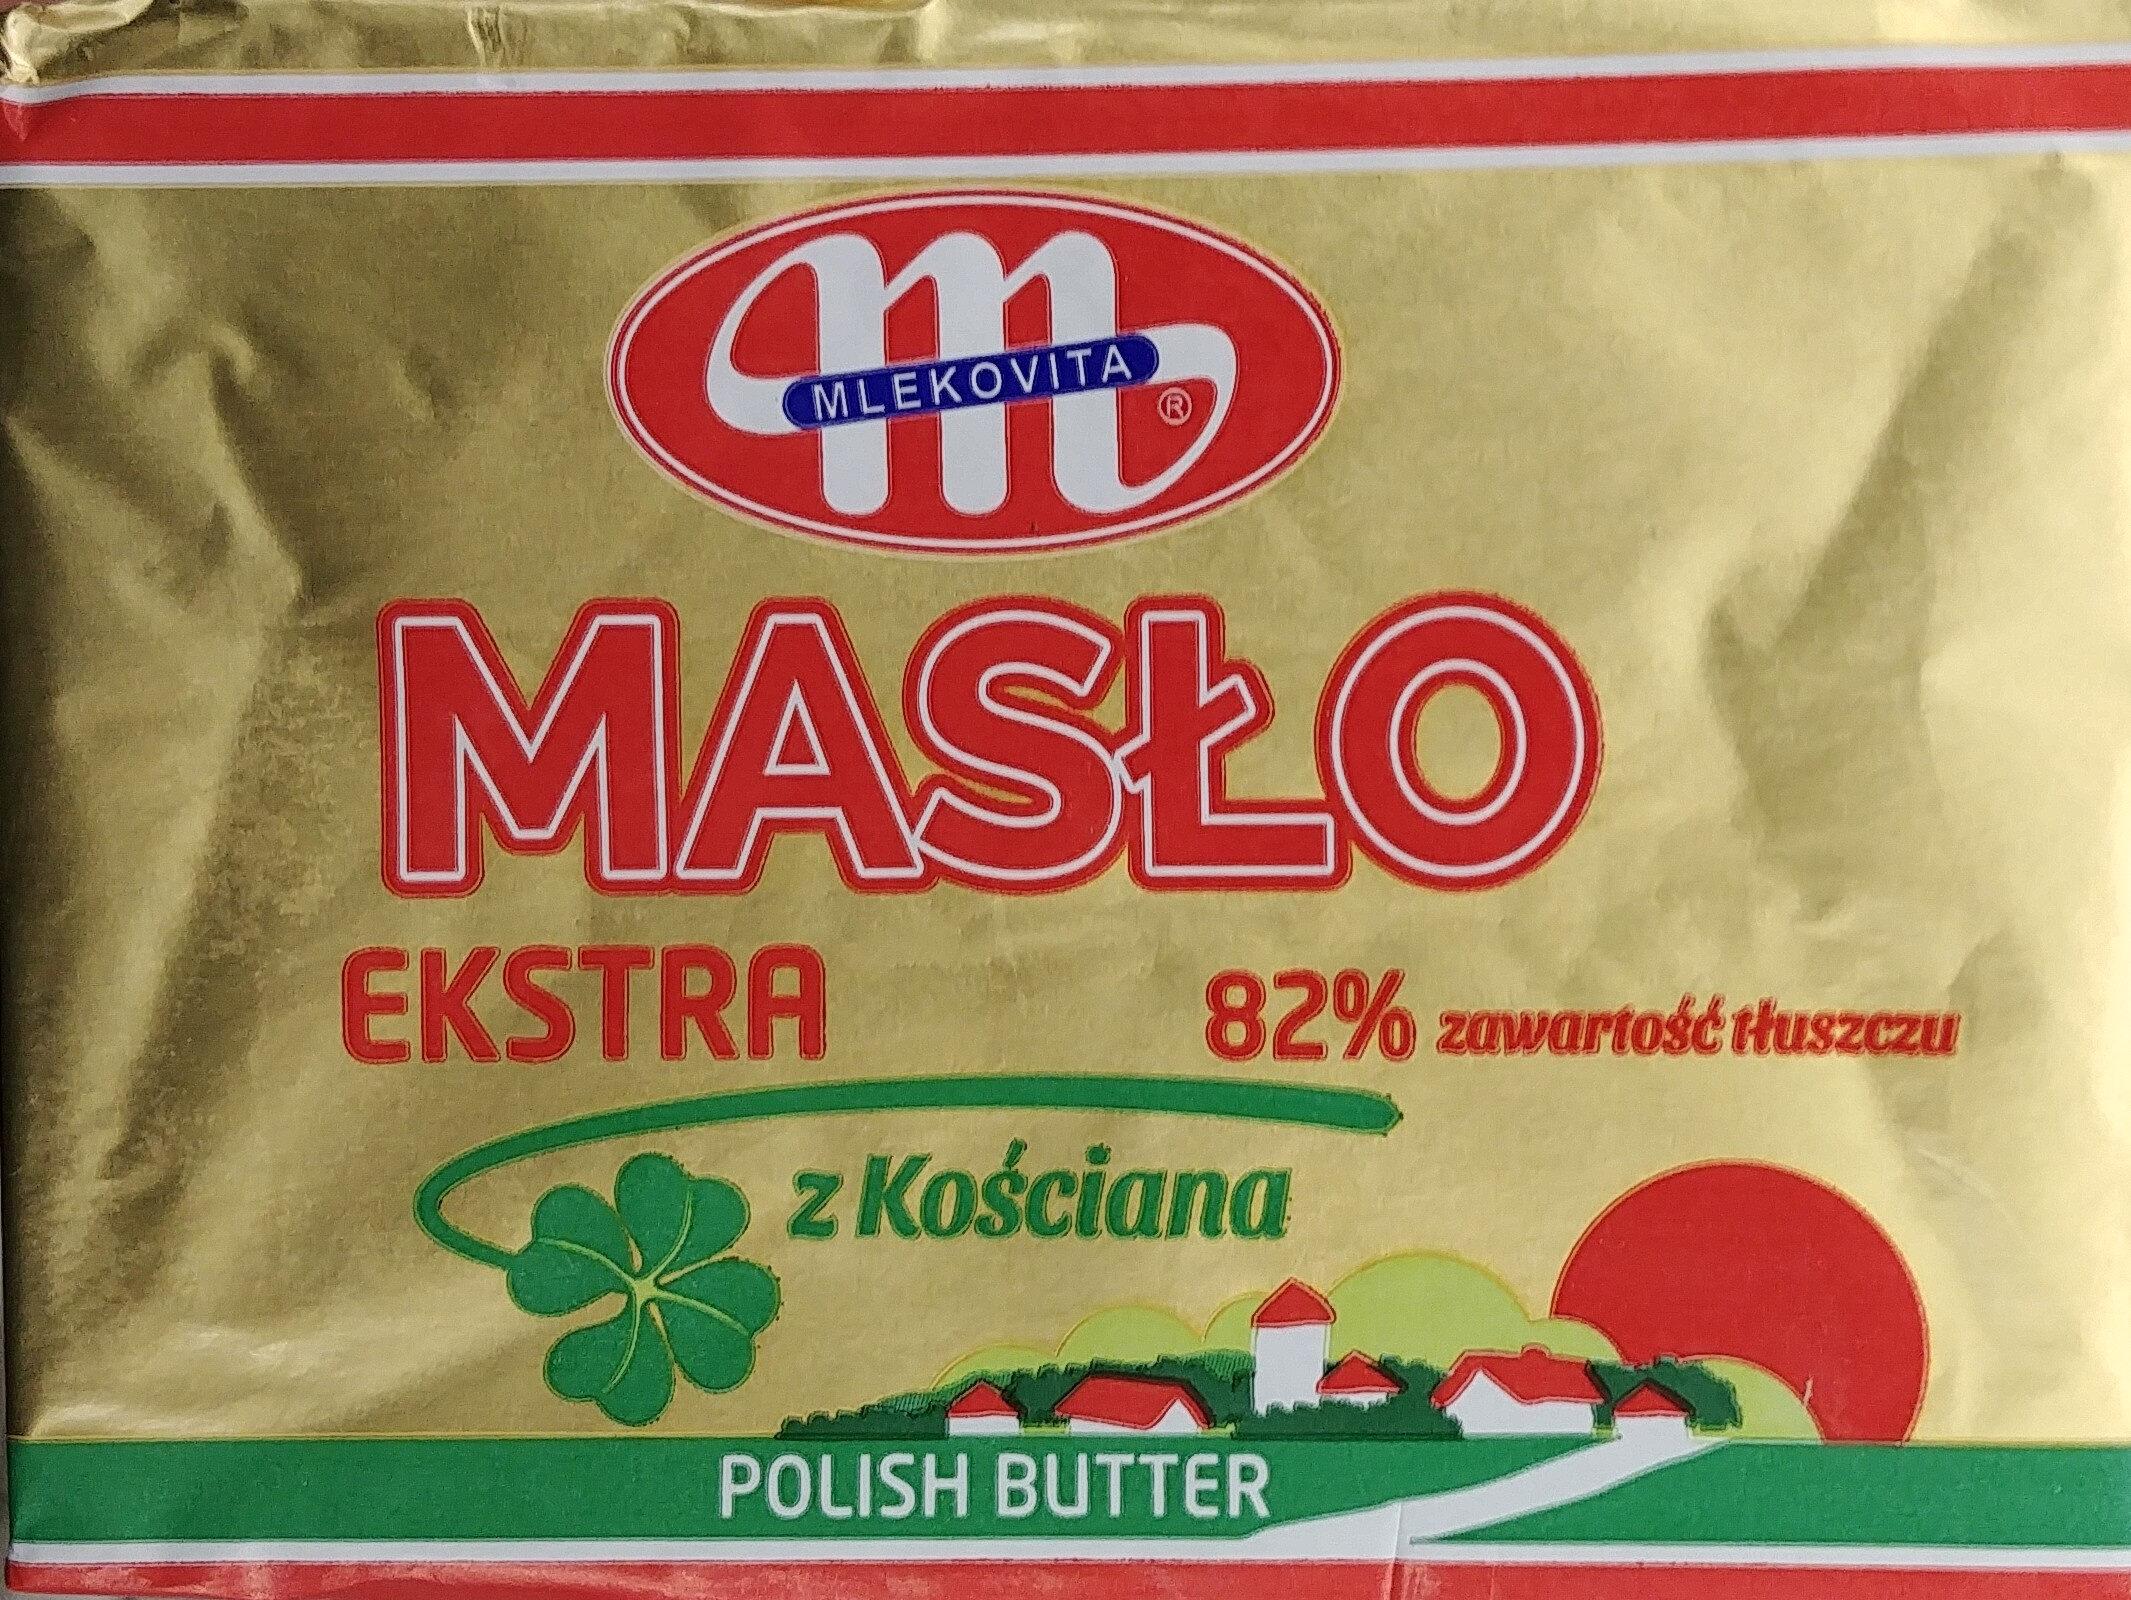 Masło ekstra z Kościana - Produkt - pl